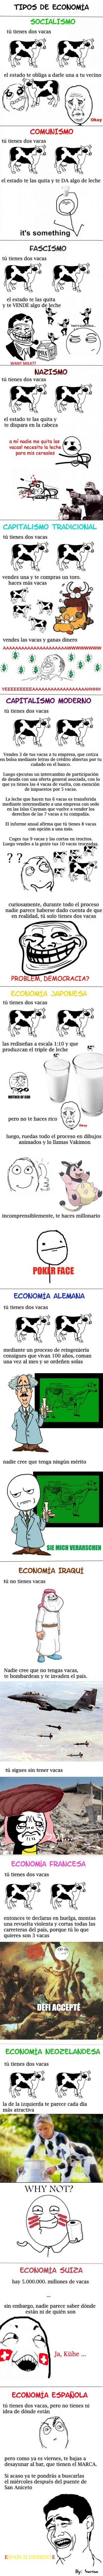 Economía,Rajoy,Socialismo,Vacas